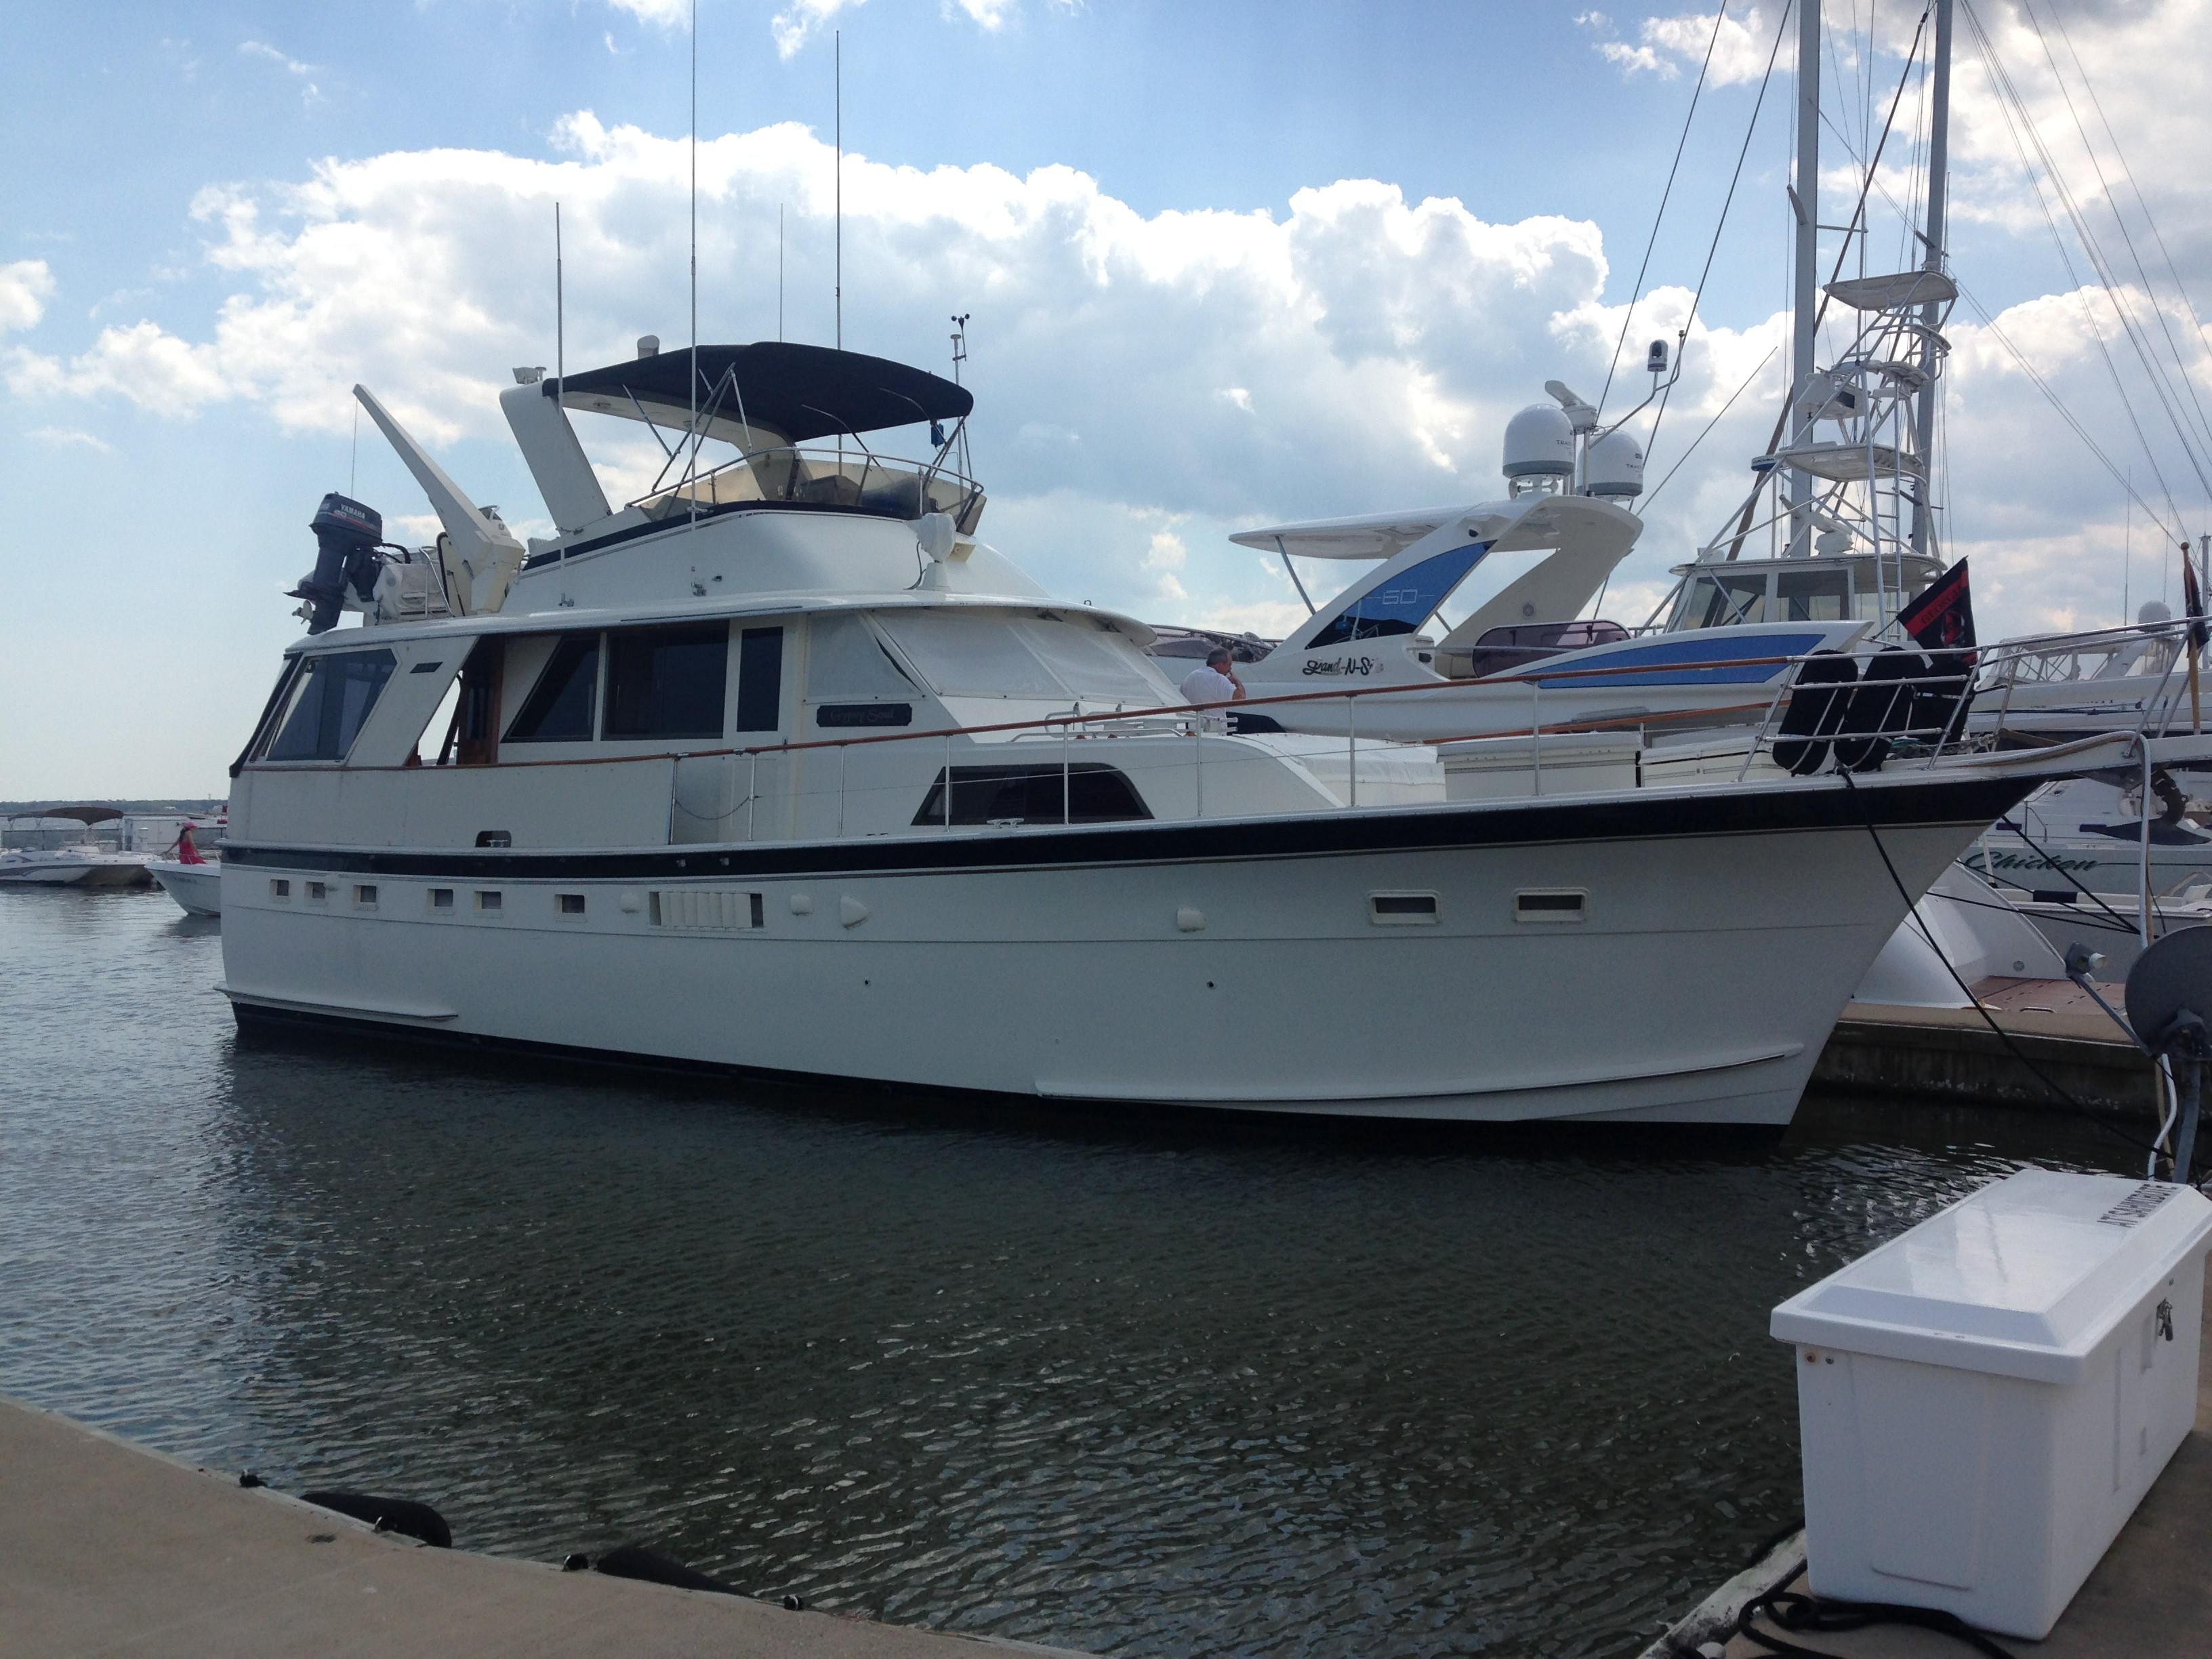 Hatteras 53 Motor Yacht - Starboard profile dockside